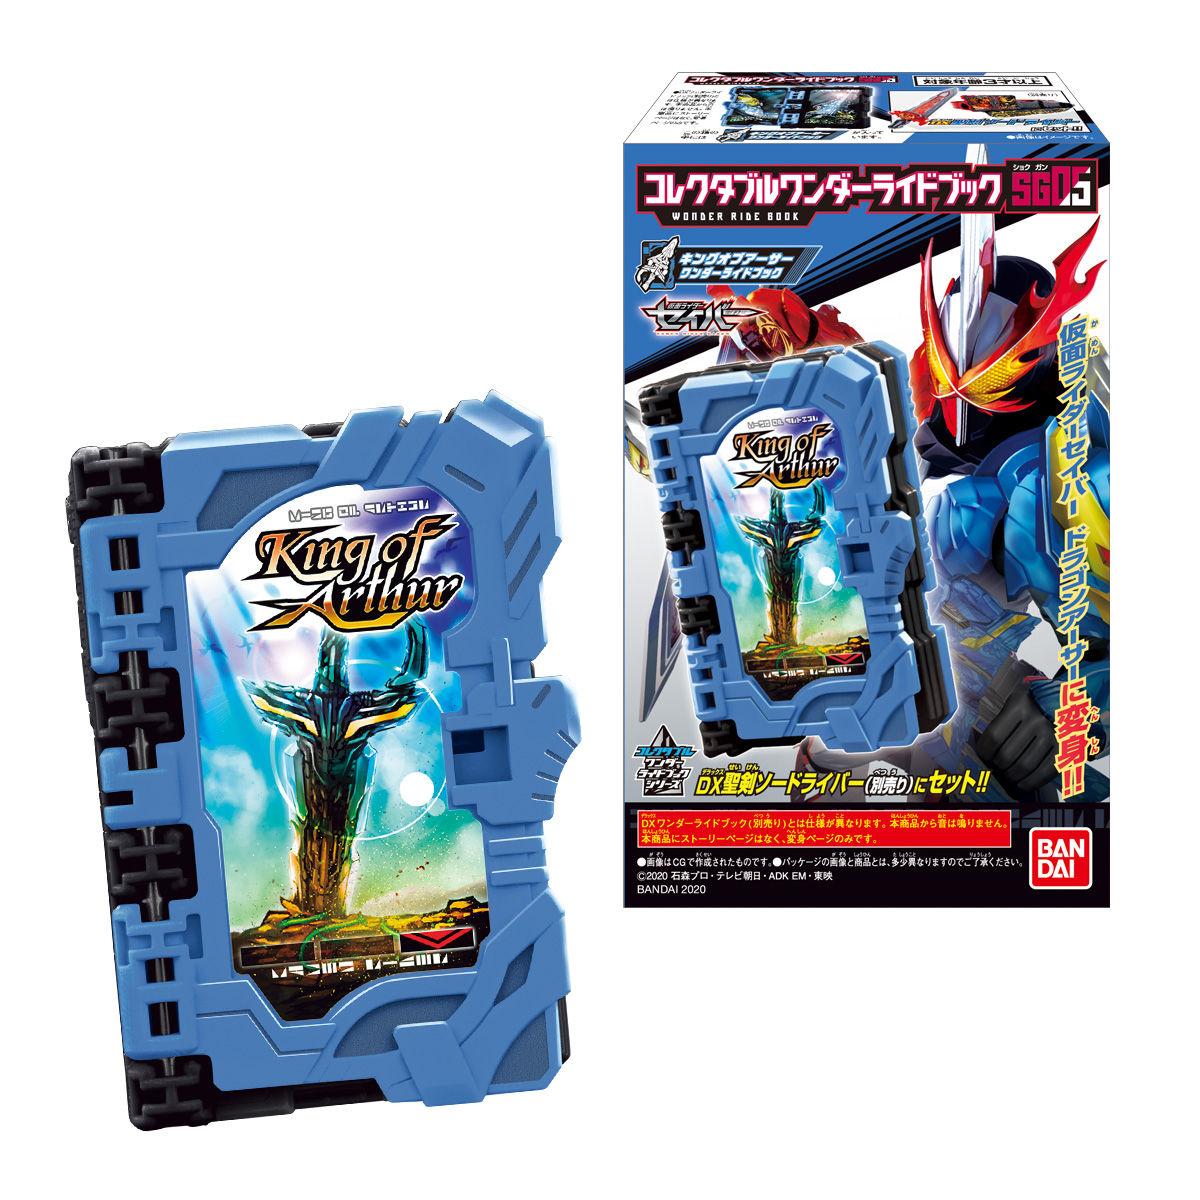 【食玩】仮面ライダーセイバー『コレクタブルワンダーライドブック SG05』8個入りBOX-001